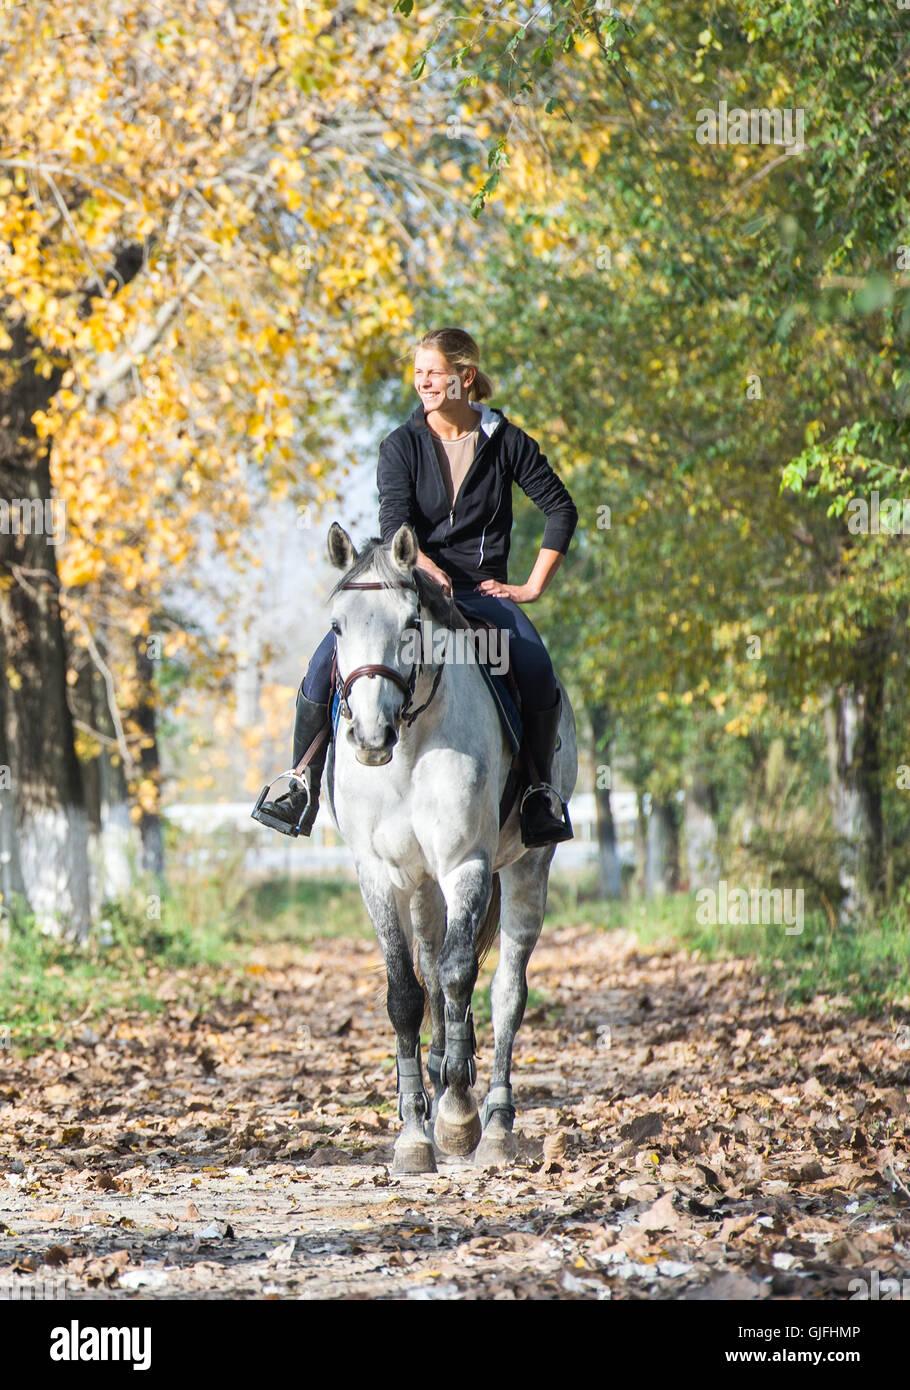 Mädchen auf einem Pferd im herbstlichen Wald Stockbild